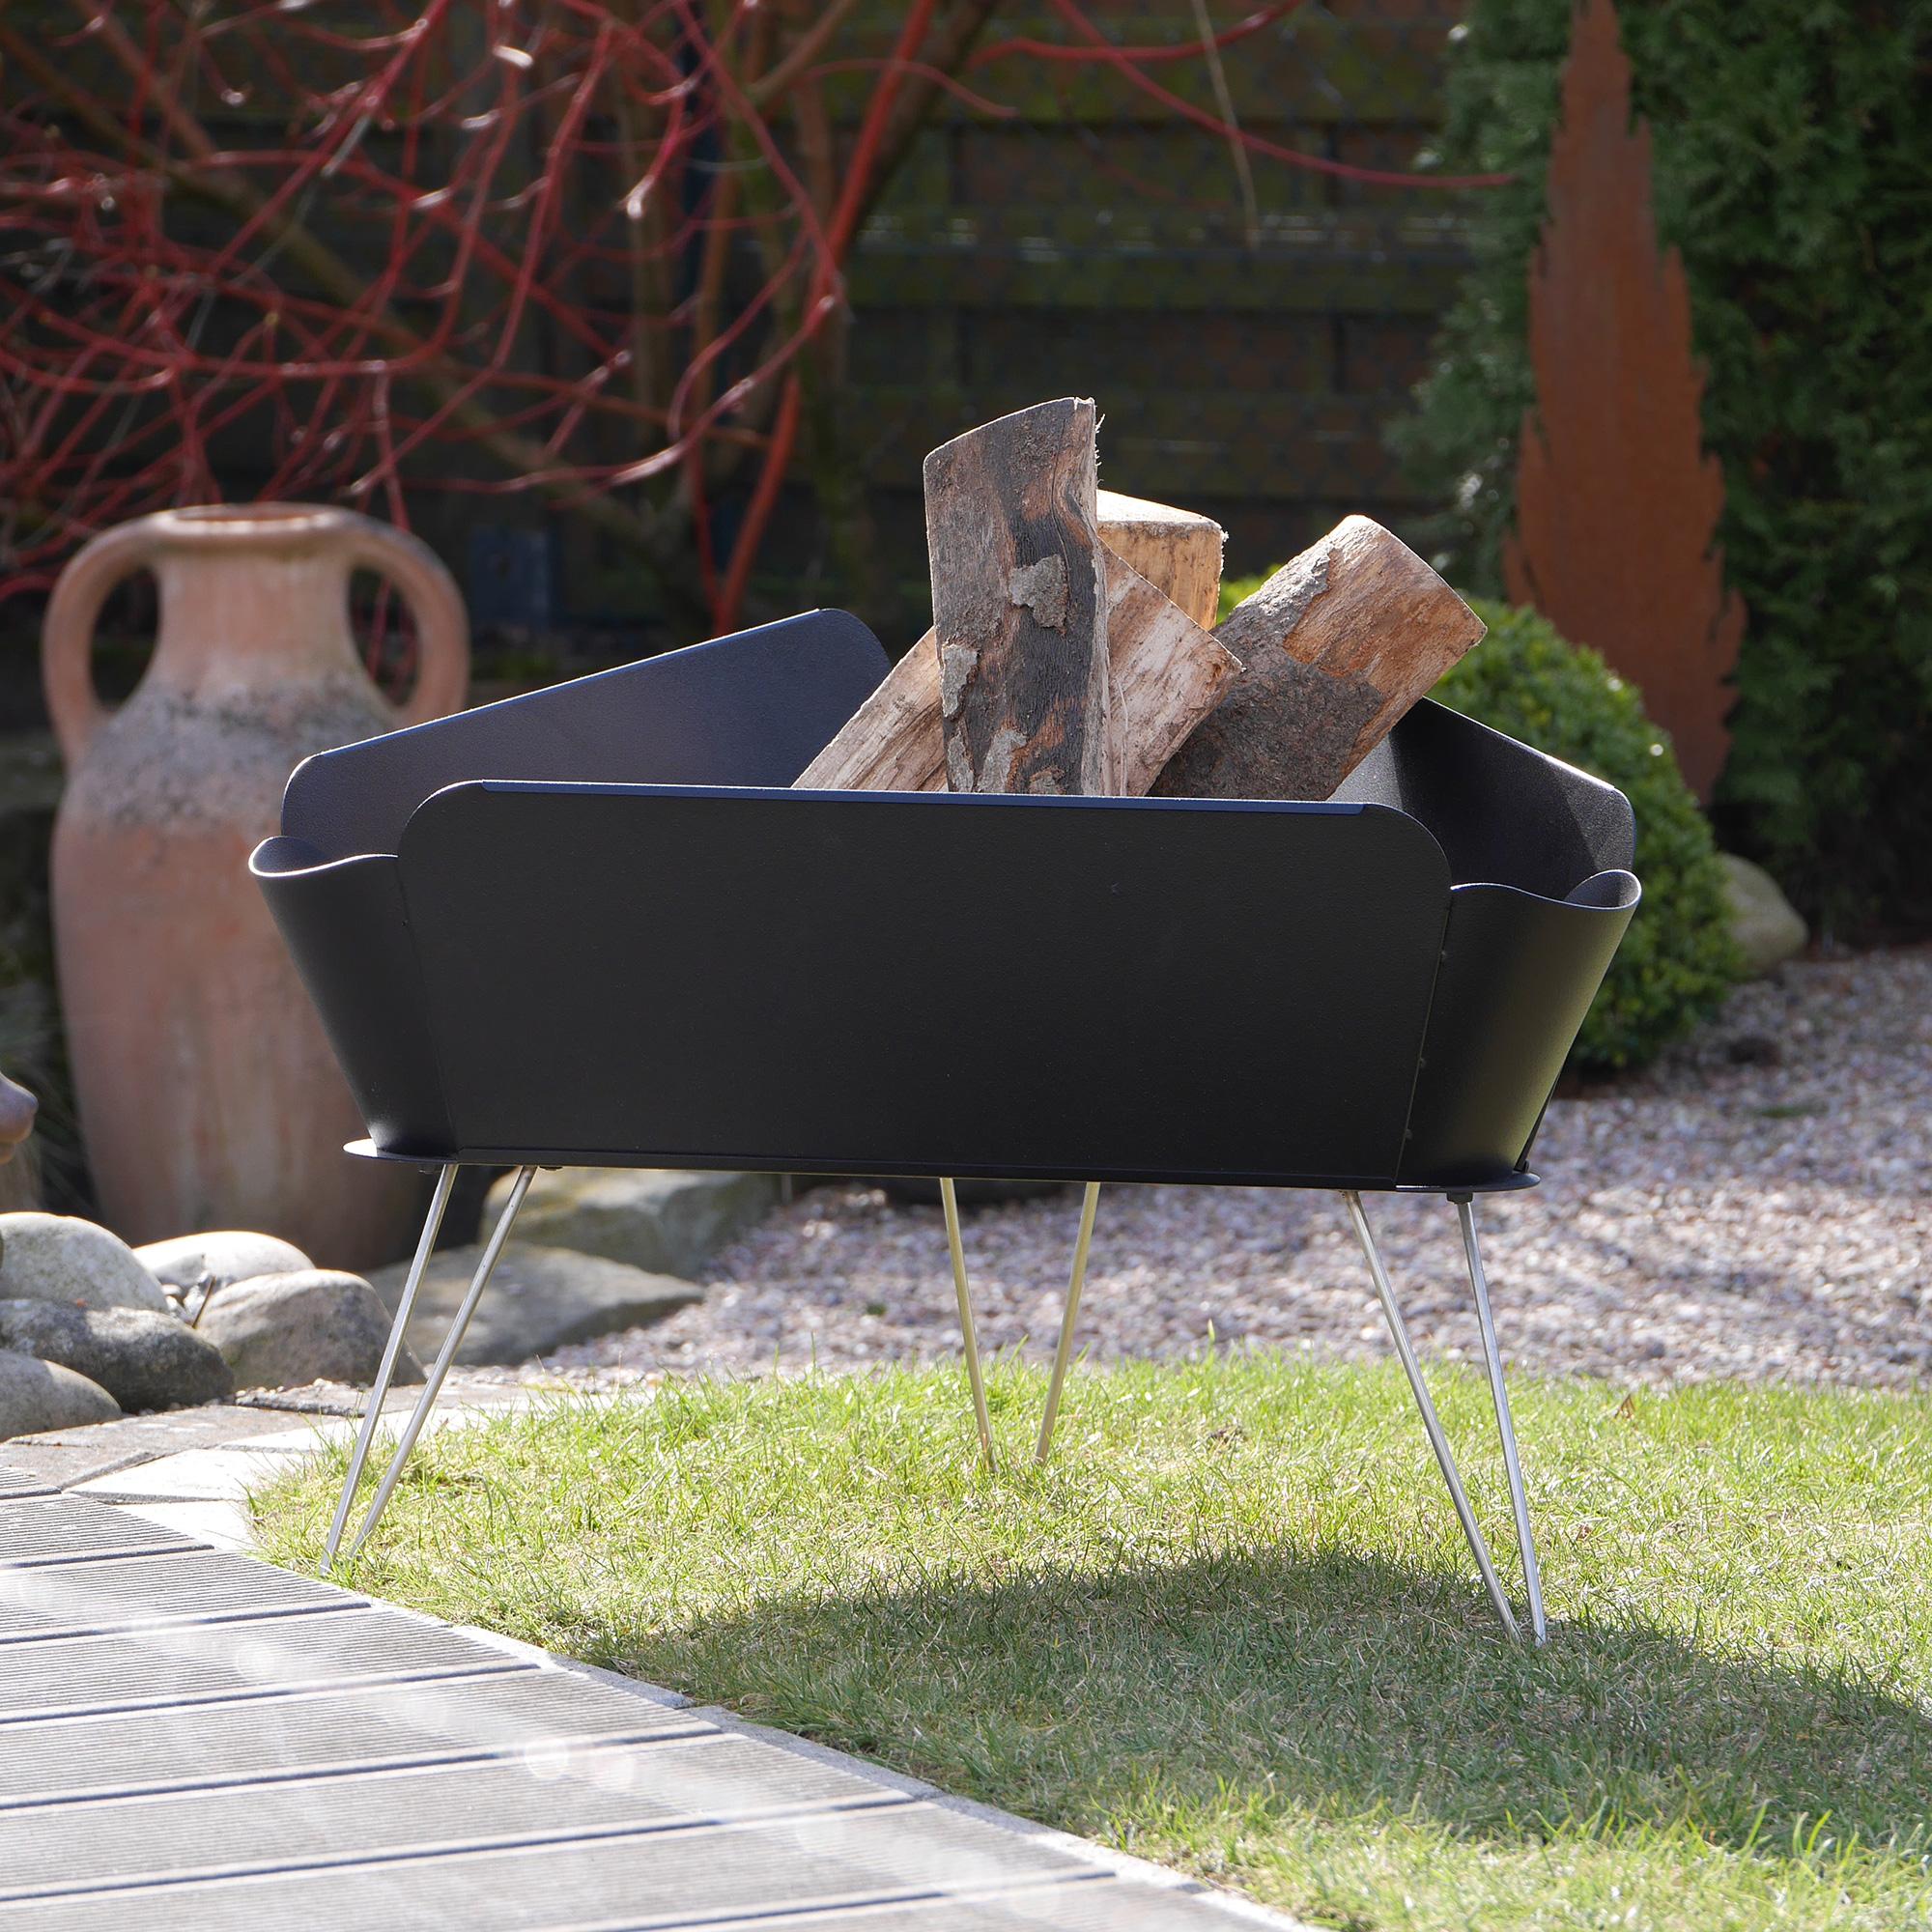 Vasner Merive M1 Feuerschale Design Fur Intensive Warme